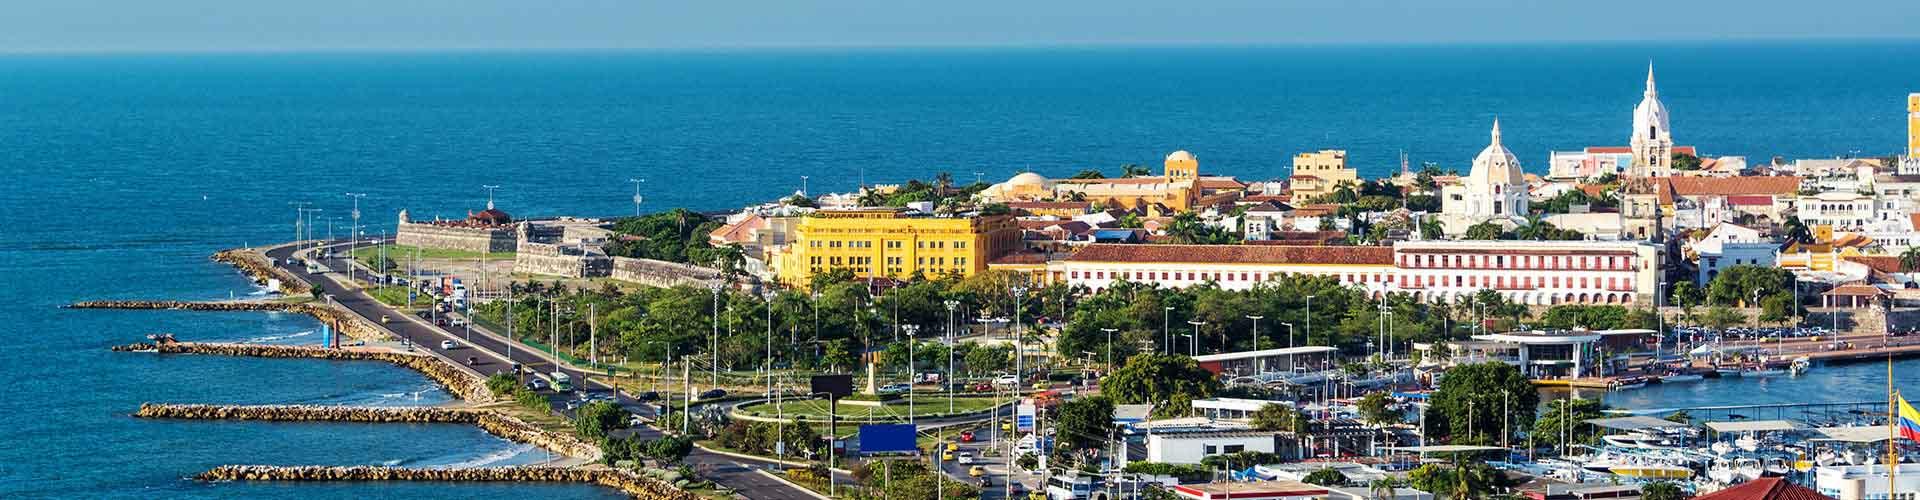 Cartagena - Apartamentos en Cartagena. Mapas de Cartagena, Fotos y comentarios de cada Apartamento en Cartagena.